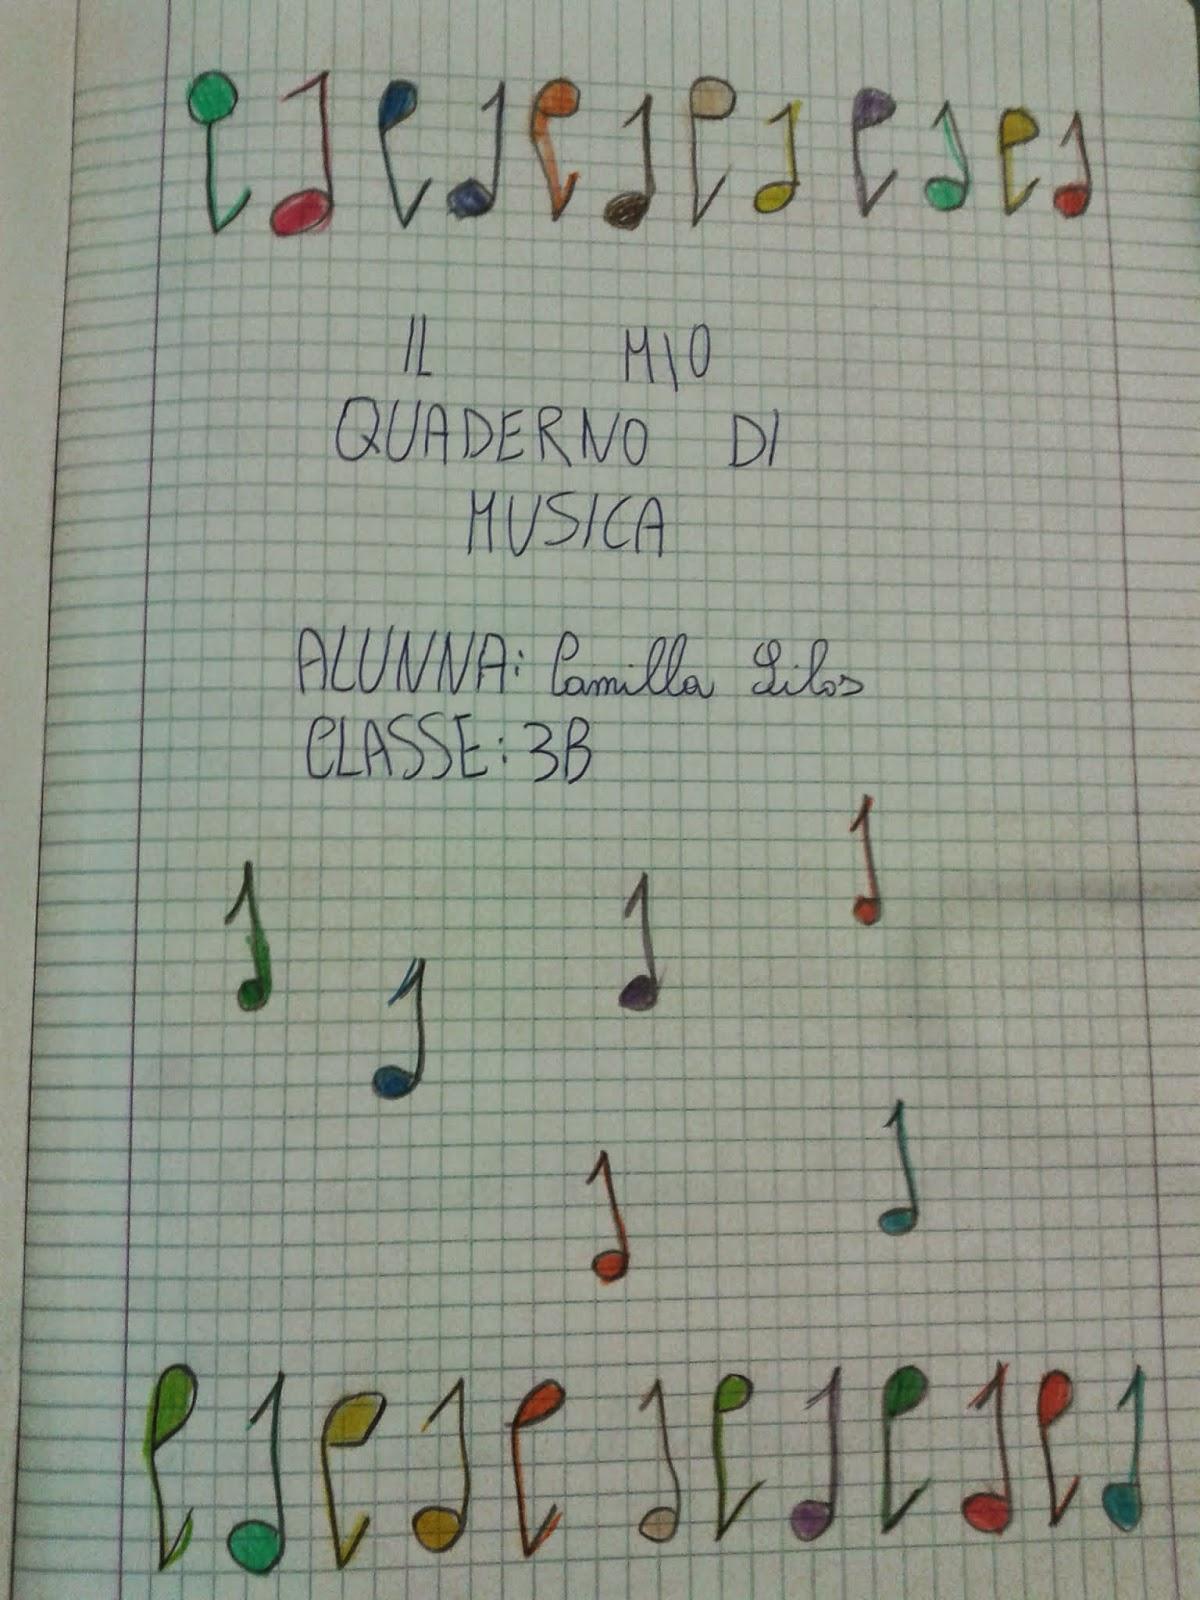 Extrêmement LA MAESTRA MARIA TI SALUTA: Musica classe terza KQ88